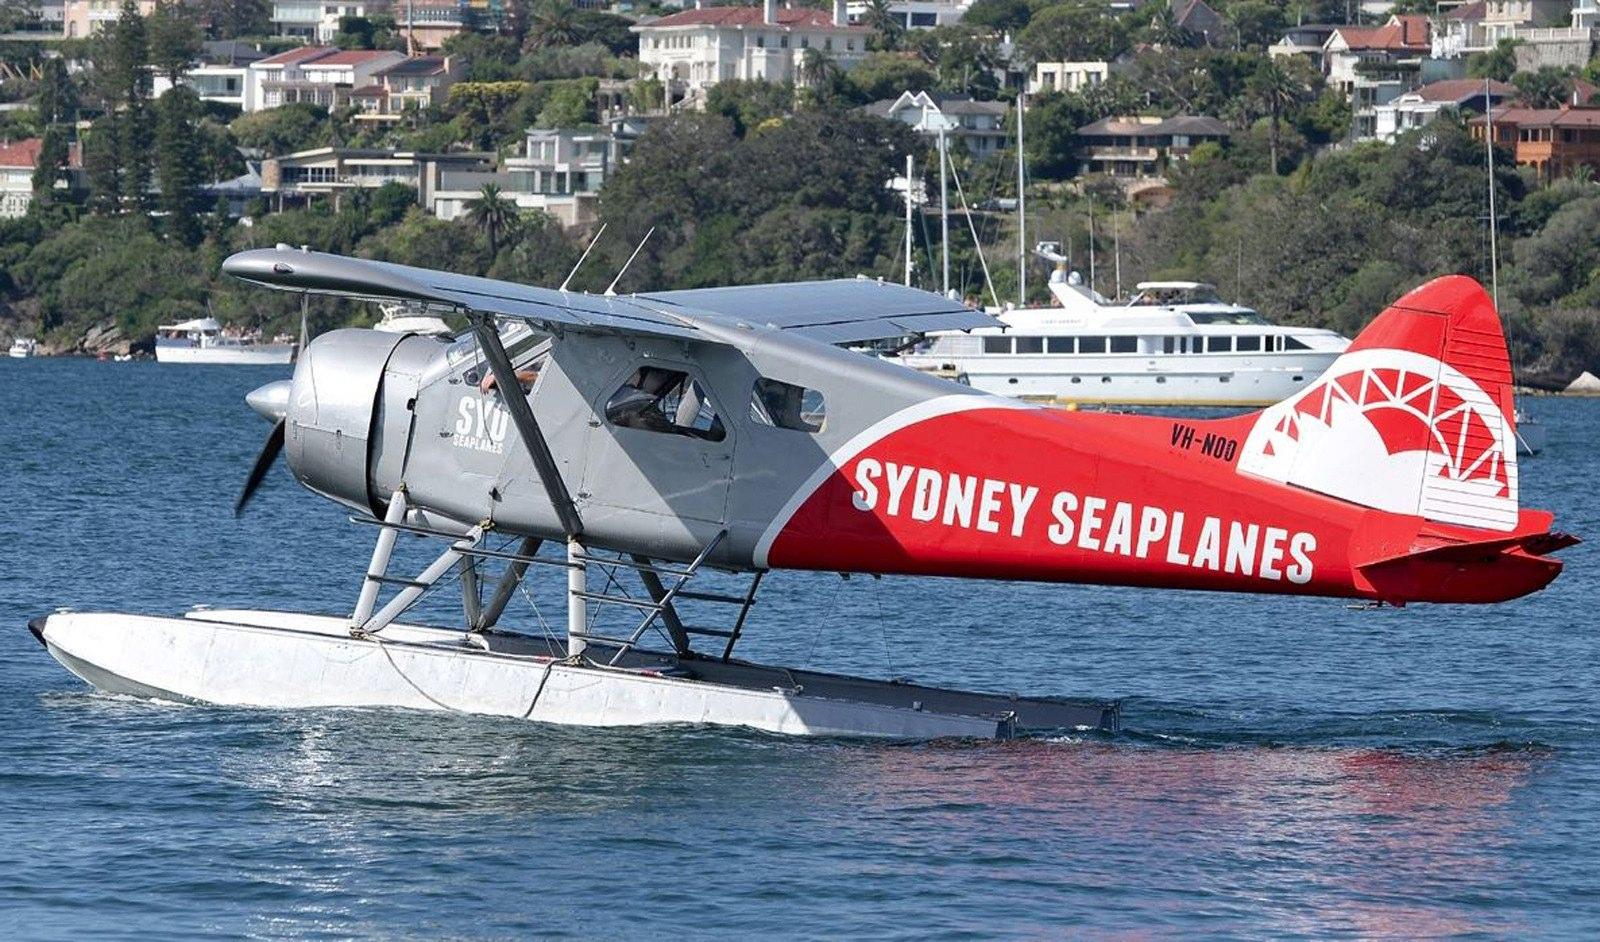 「雪梨水上飛機」(Sydney Seaplanes)為澳洲最大水上飛機業者。(歐新社)